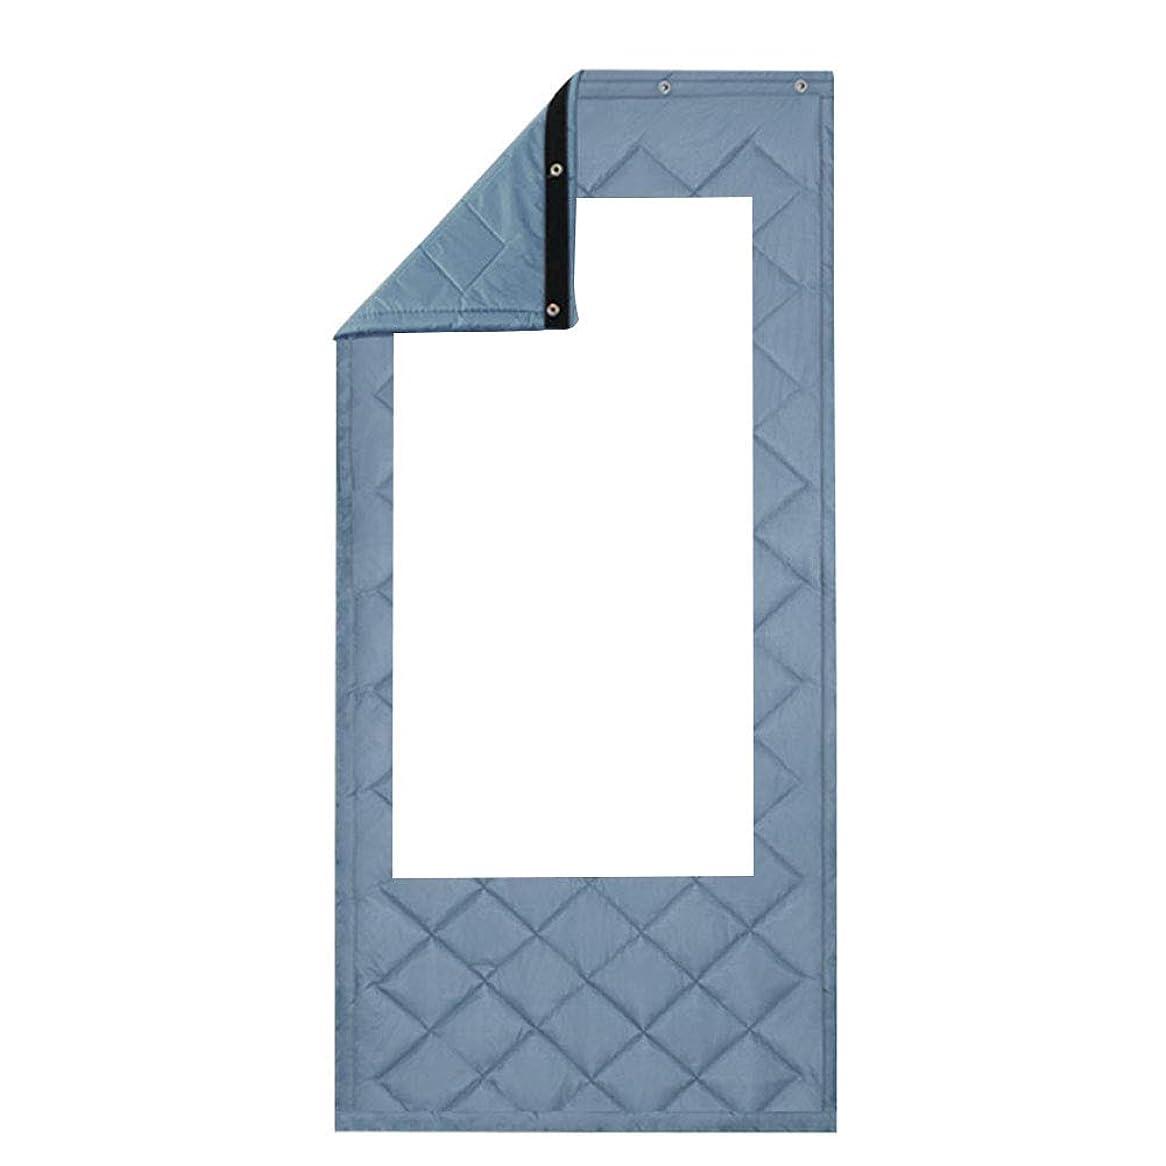 本質的に文明安全なWUFENG ドアカーテン 暖かく保つ 厚い ハーディー 遮音 家庭 防水、 5のスタイル 複数のサイズ カスタマイズ可能 (色 : D, サイズ さいず : 150x300cm)